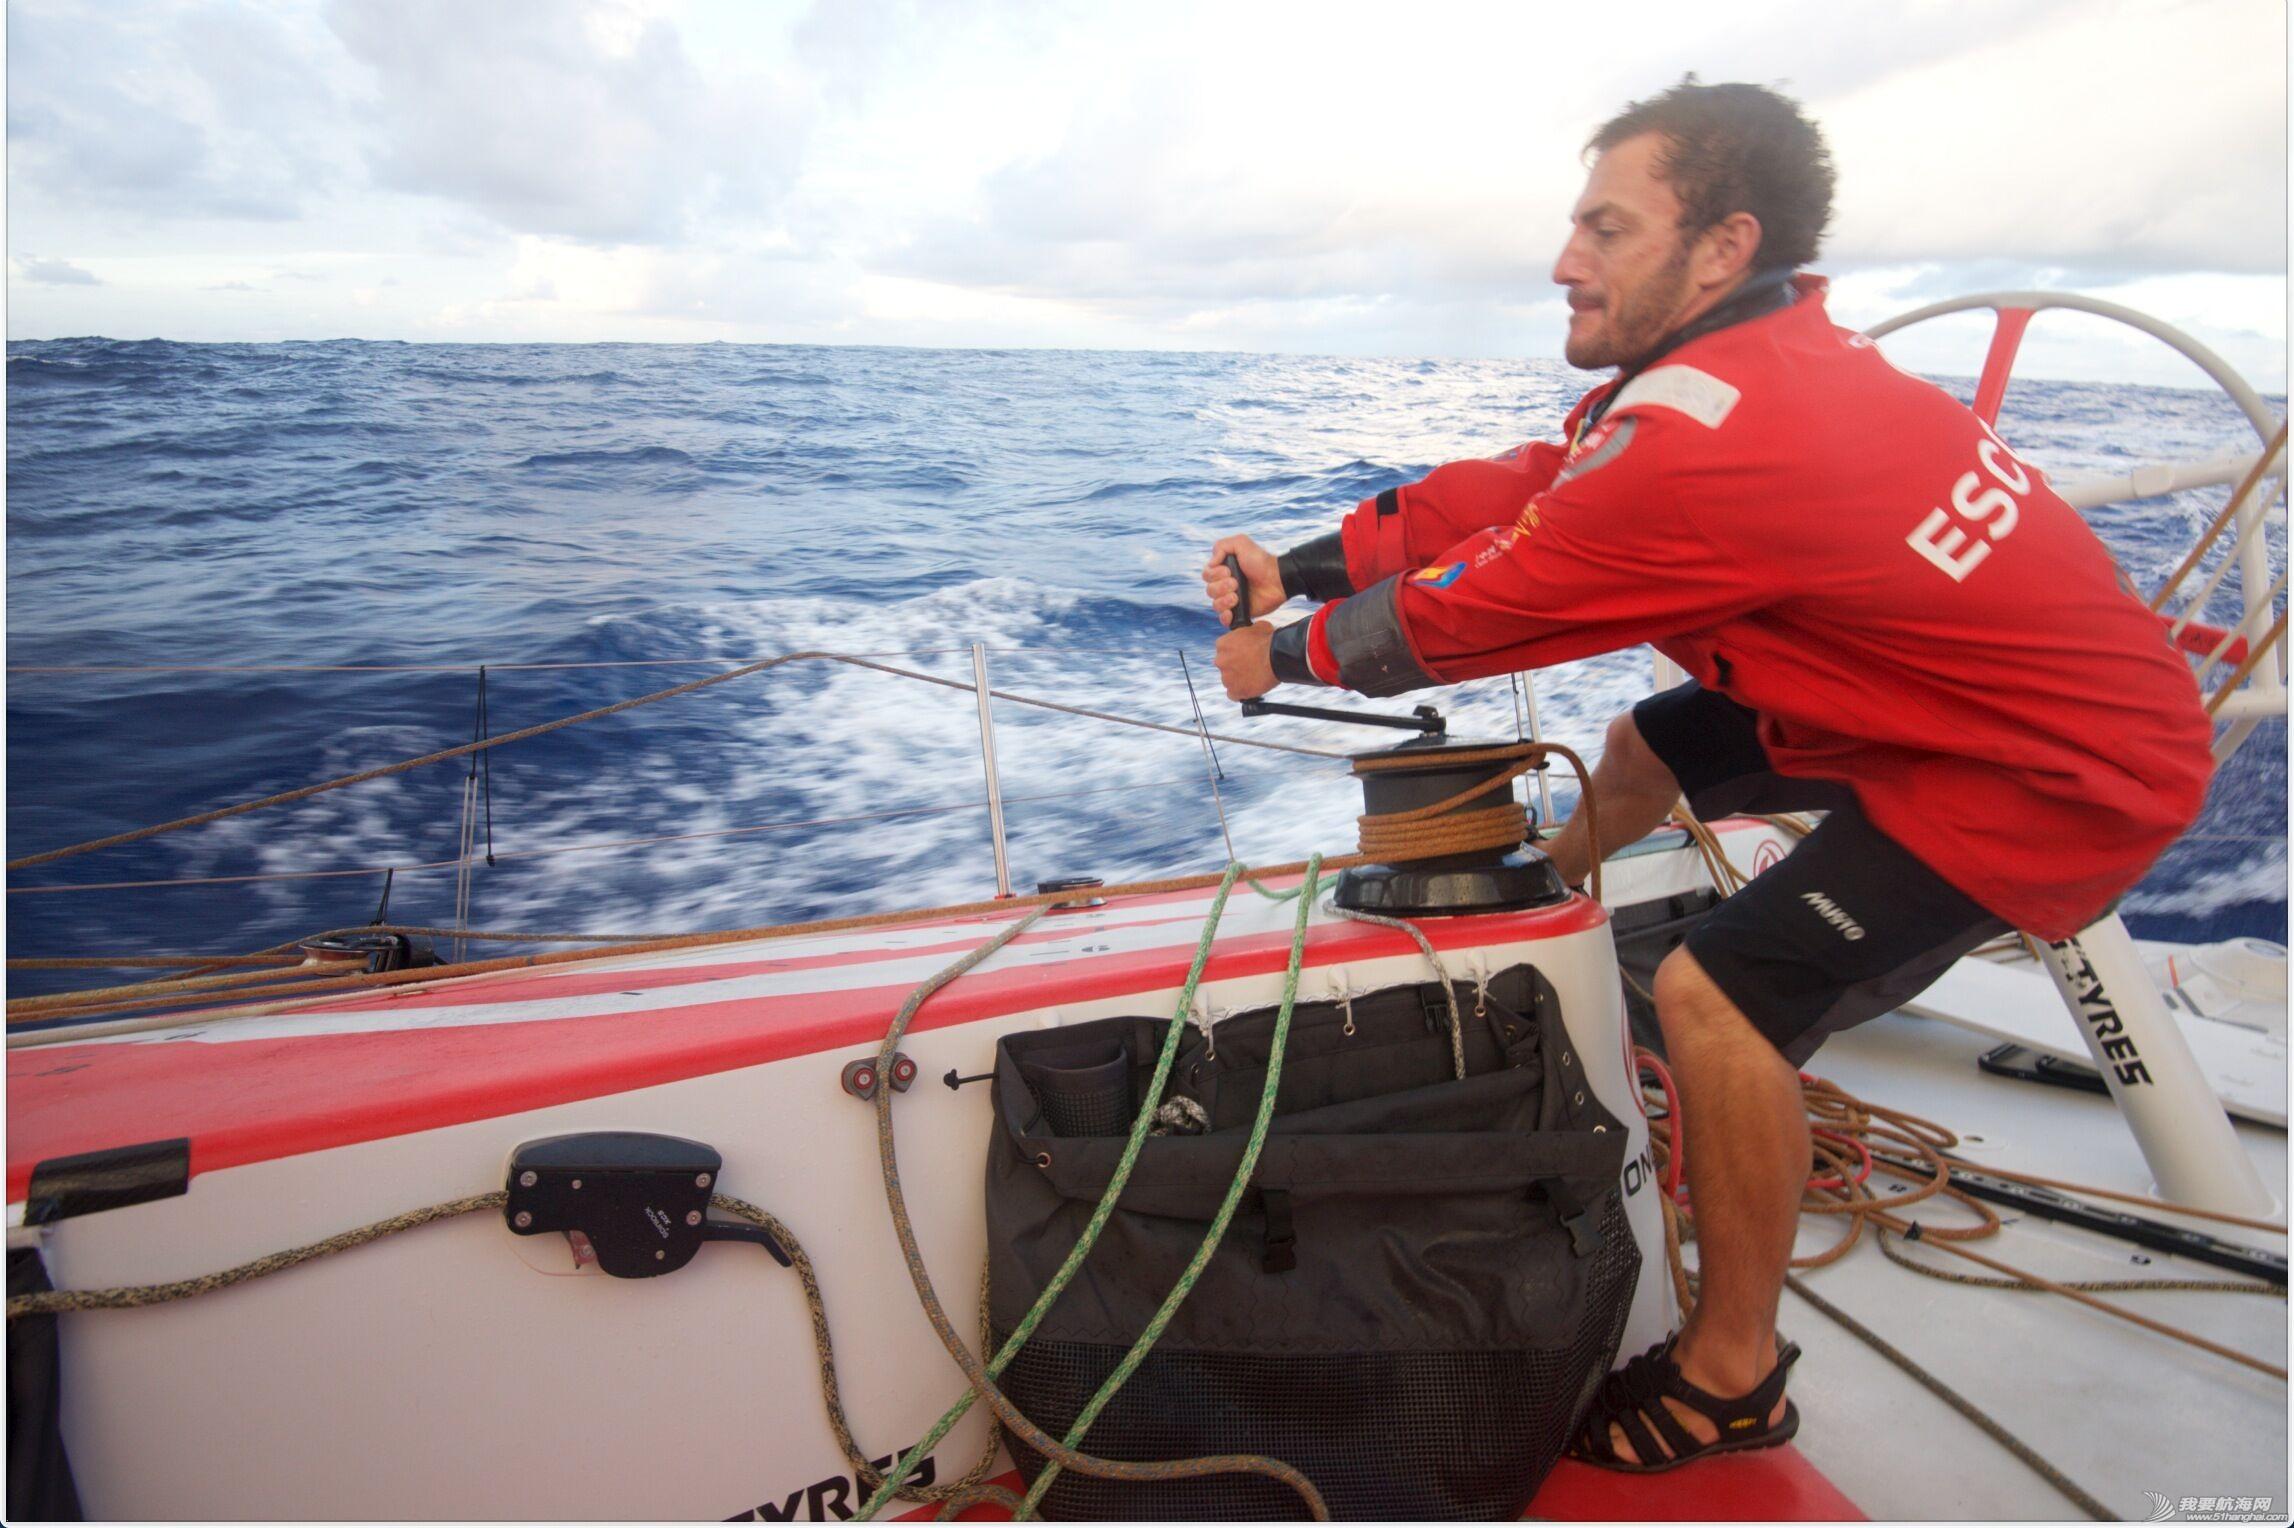 帆船运动,生活方式,运动员,穿透力,机械 [穹顶之下]回归海洋,你会收获什么?